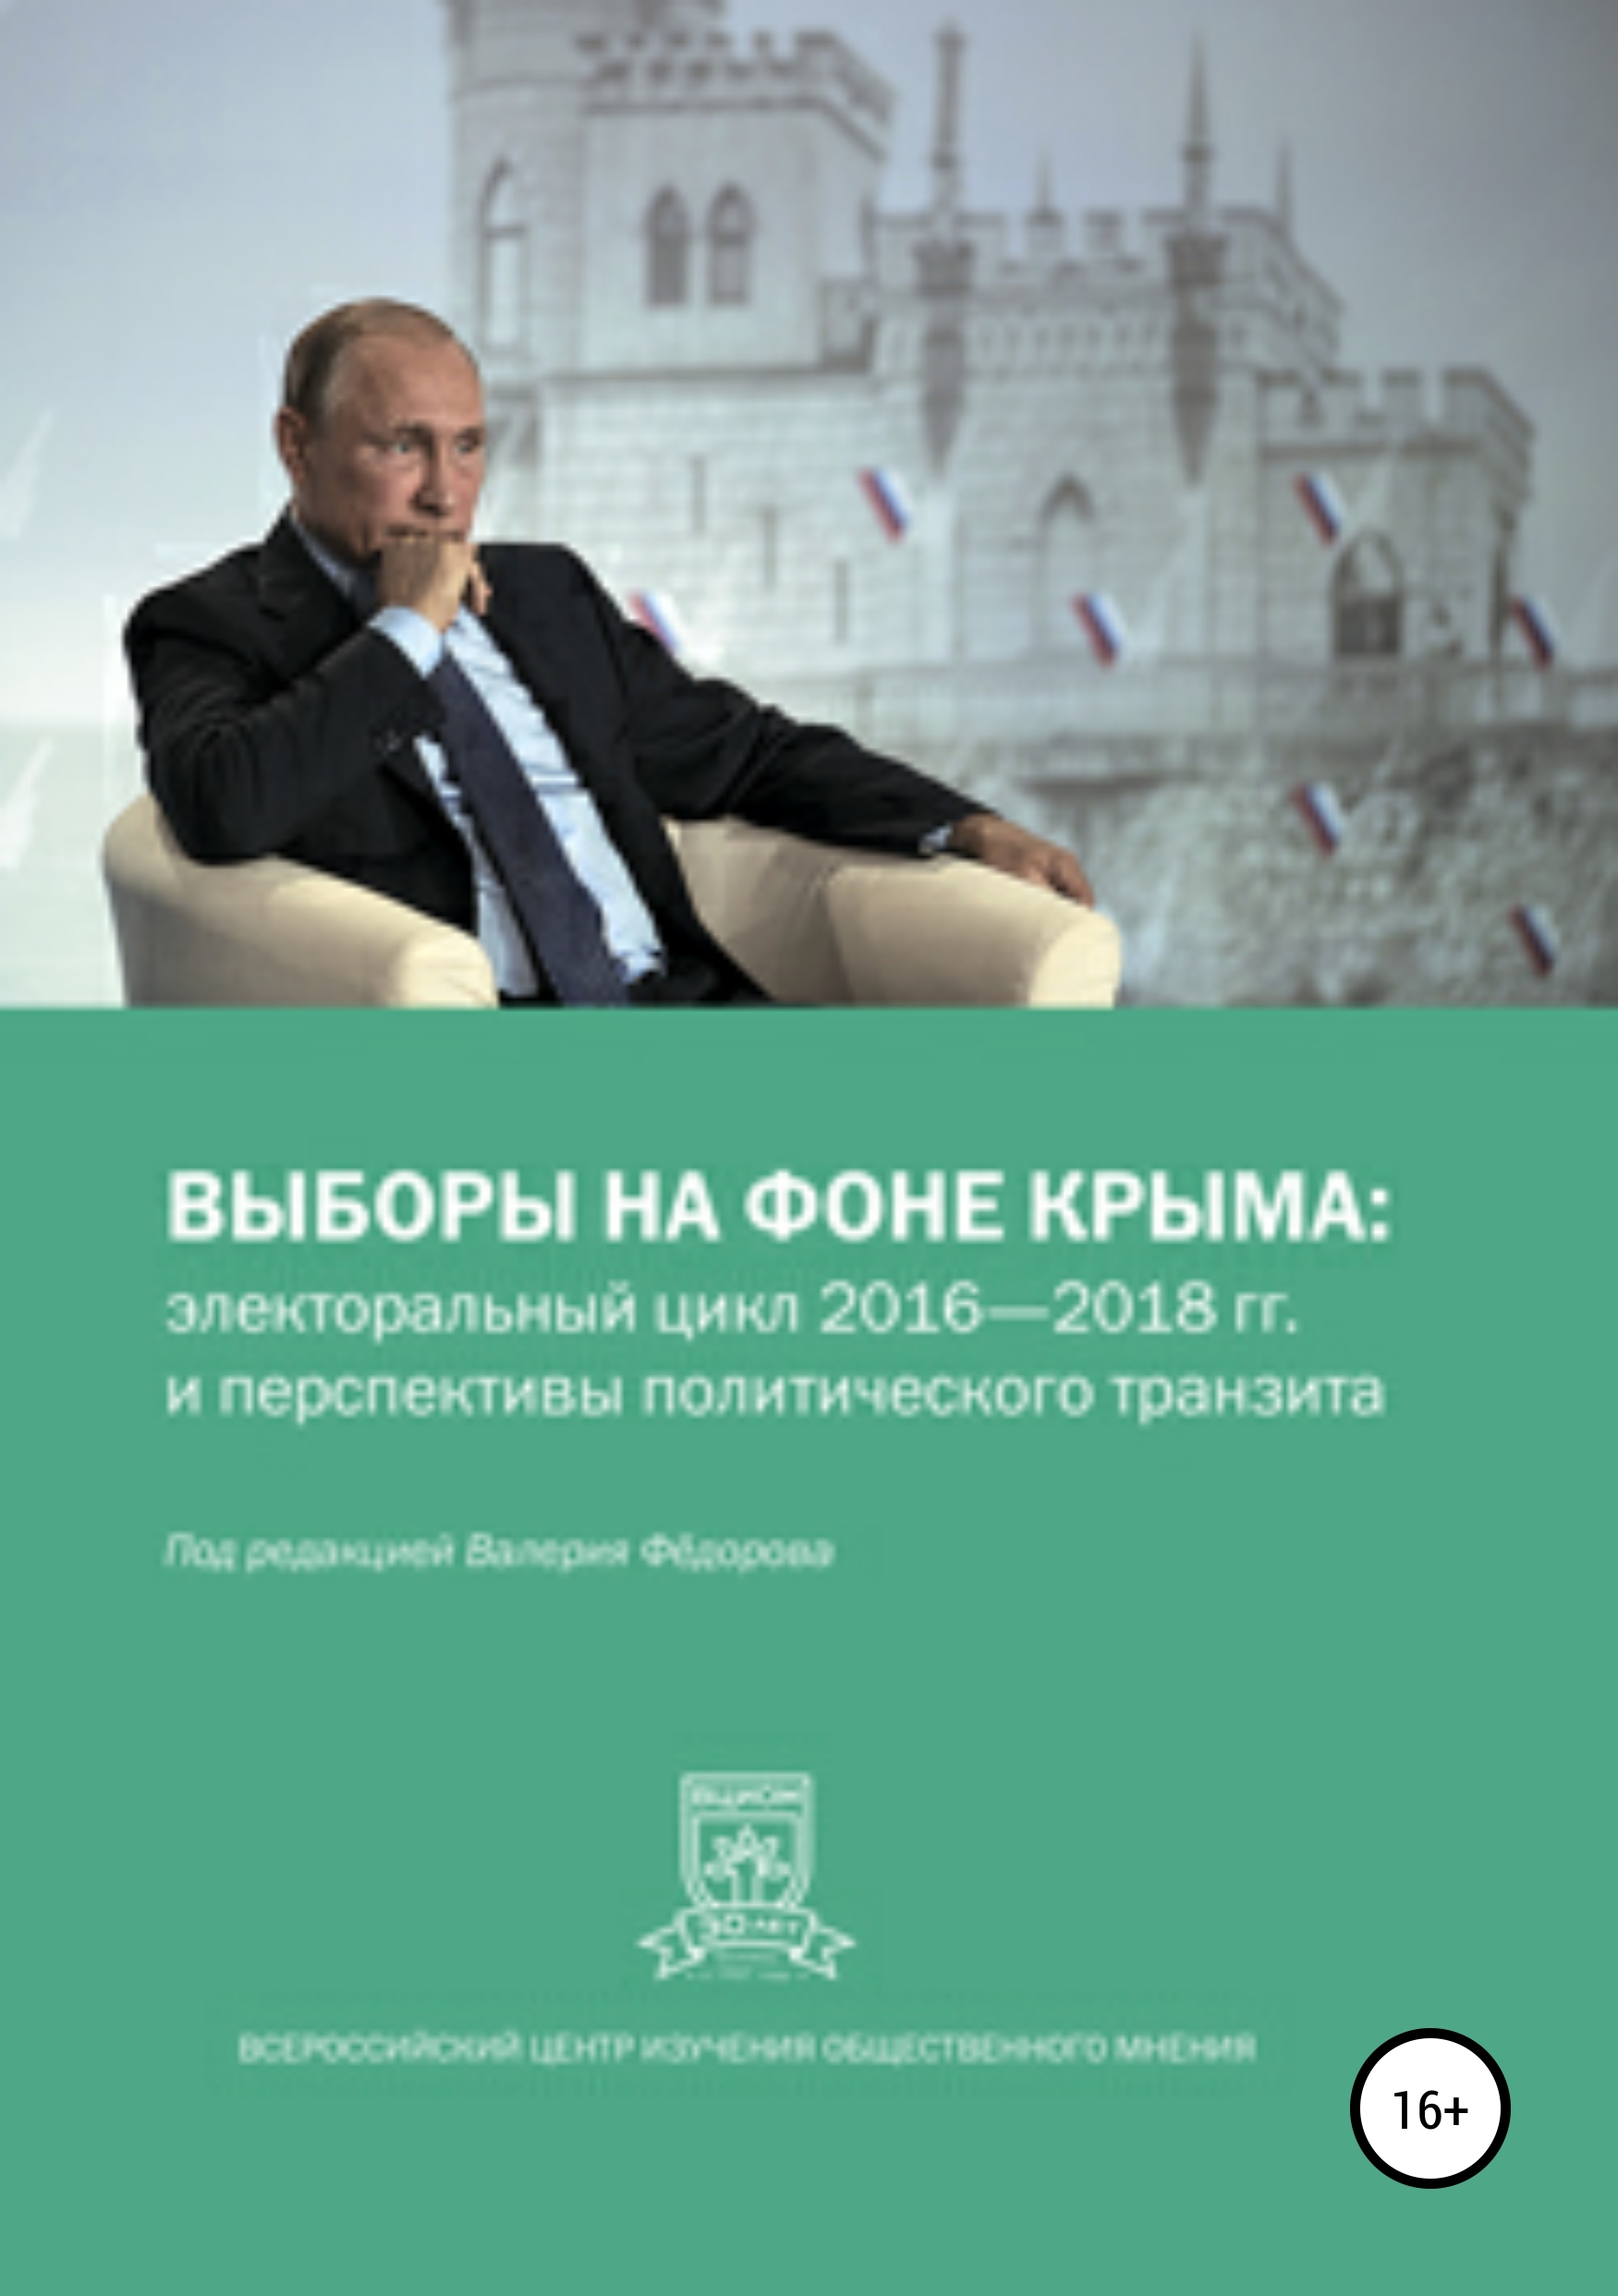 Выборы на фоне Крыма: электоральный цикл 2016-2018 гг. и перспективы политического транзита